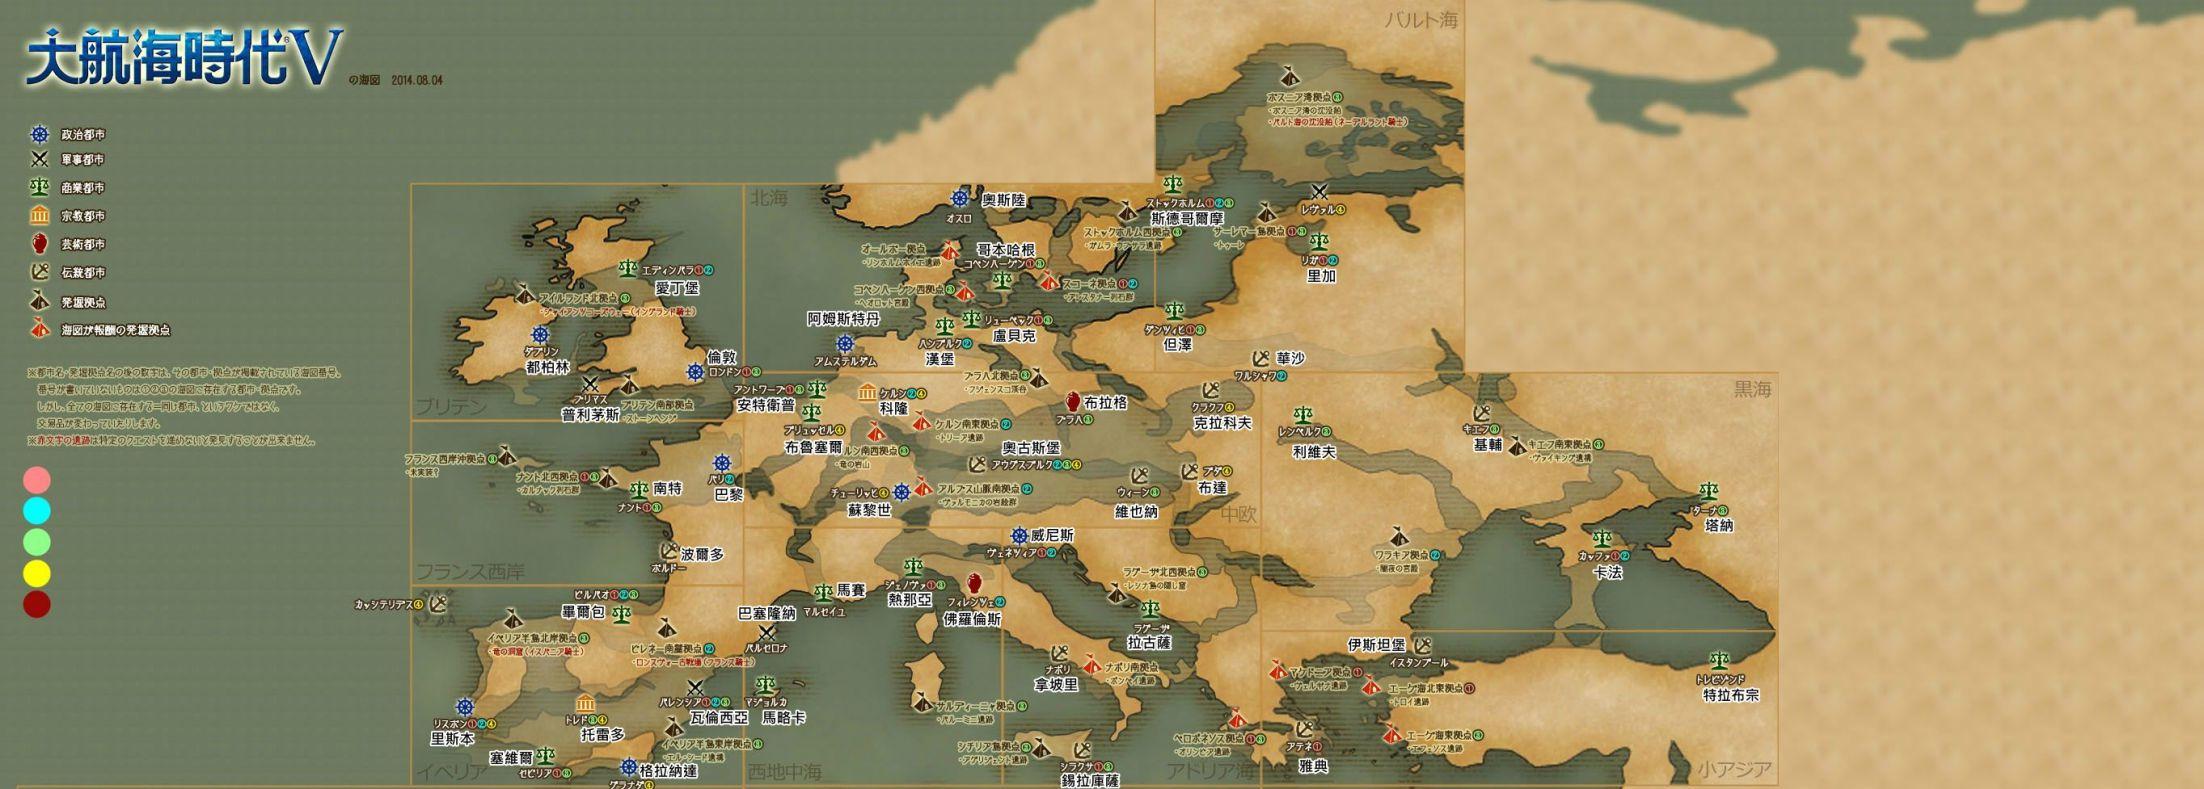 《大航海时代6》战斗场景 探险方面等系统介绍